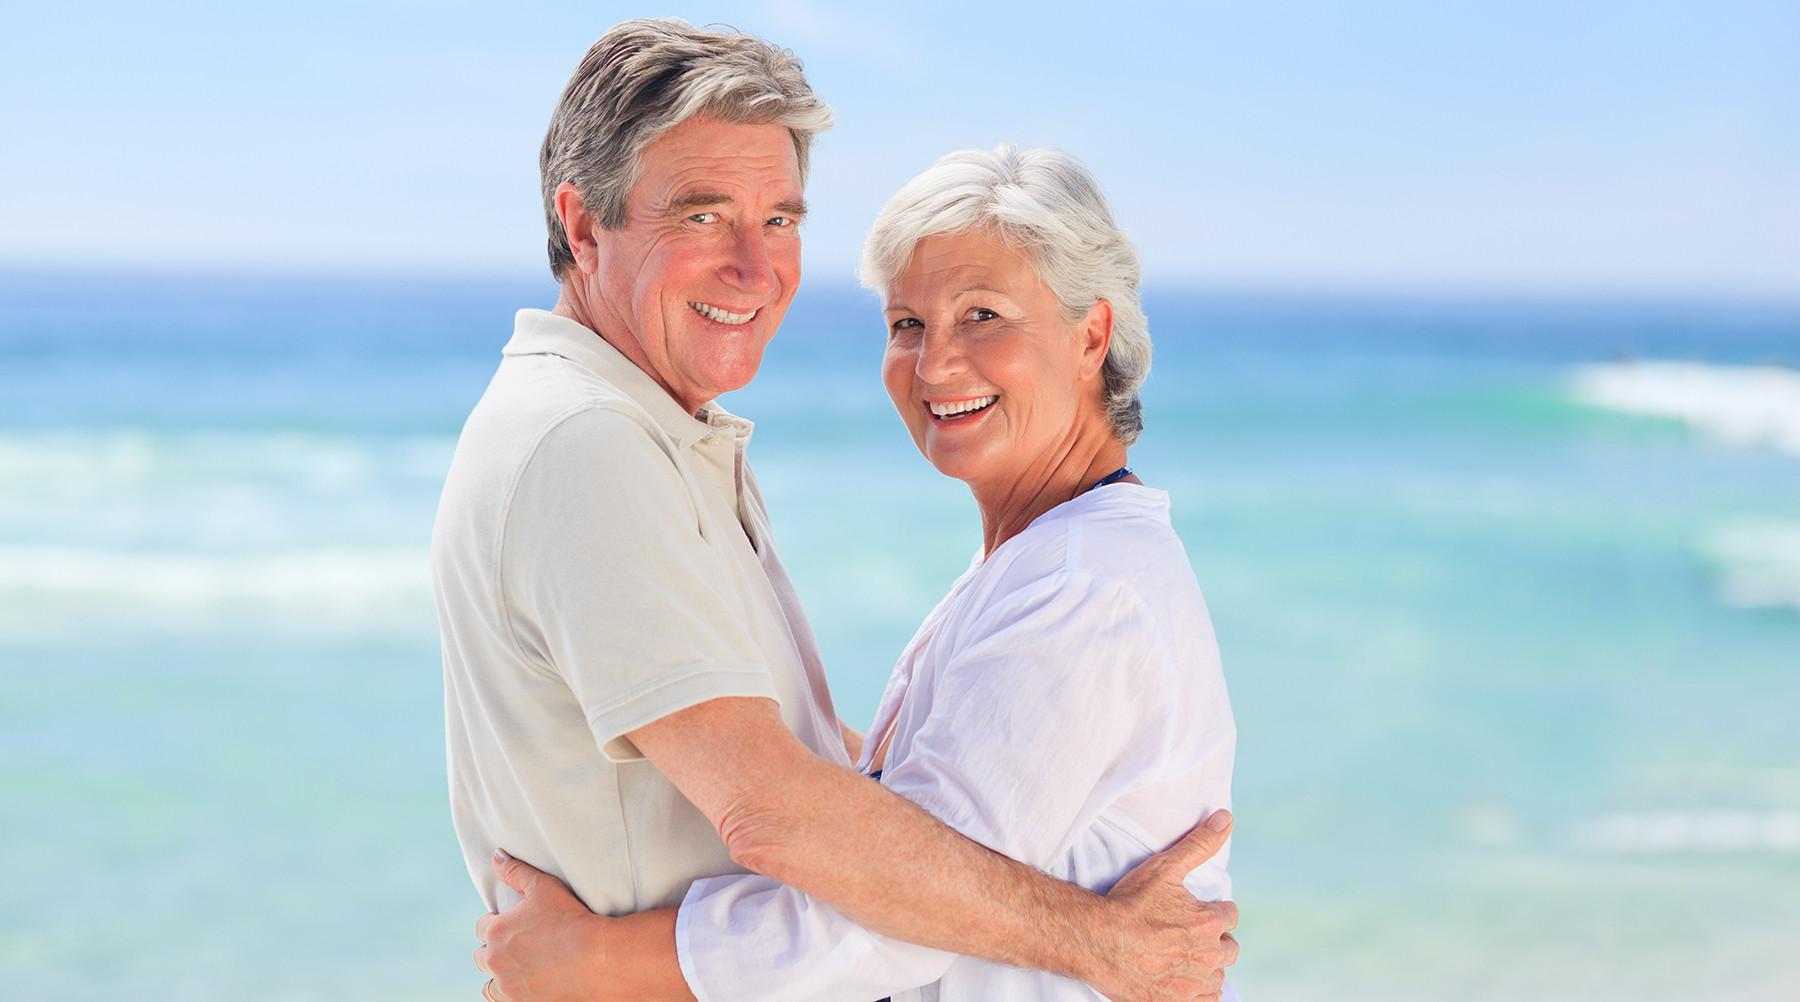 Puikus pasiūlymas keliaujantiems senjorams.